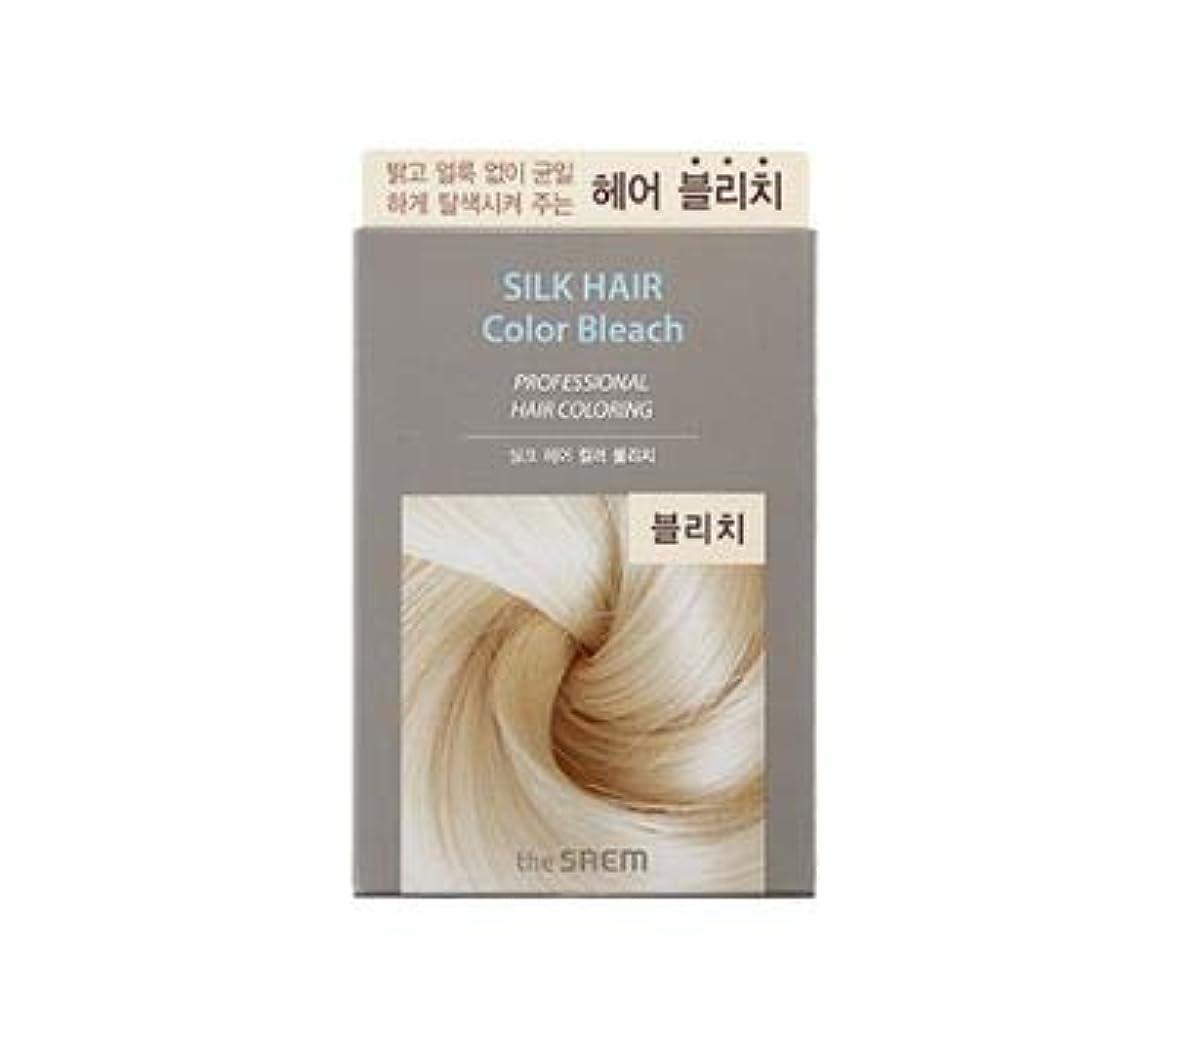 フェローシップ落ち着く余暇The Saem SliK Hair Color Bleach ザセムシルクヘアカラーブリーチ [並行輸入品]